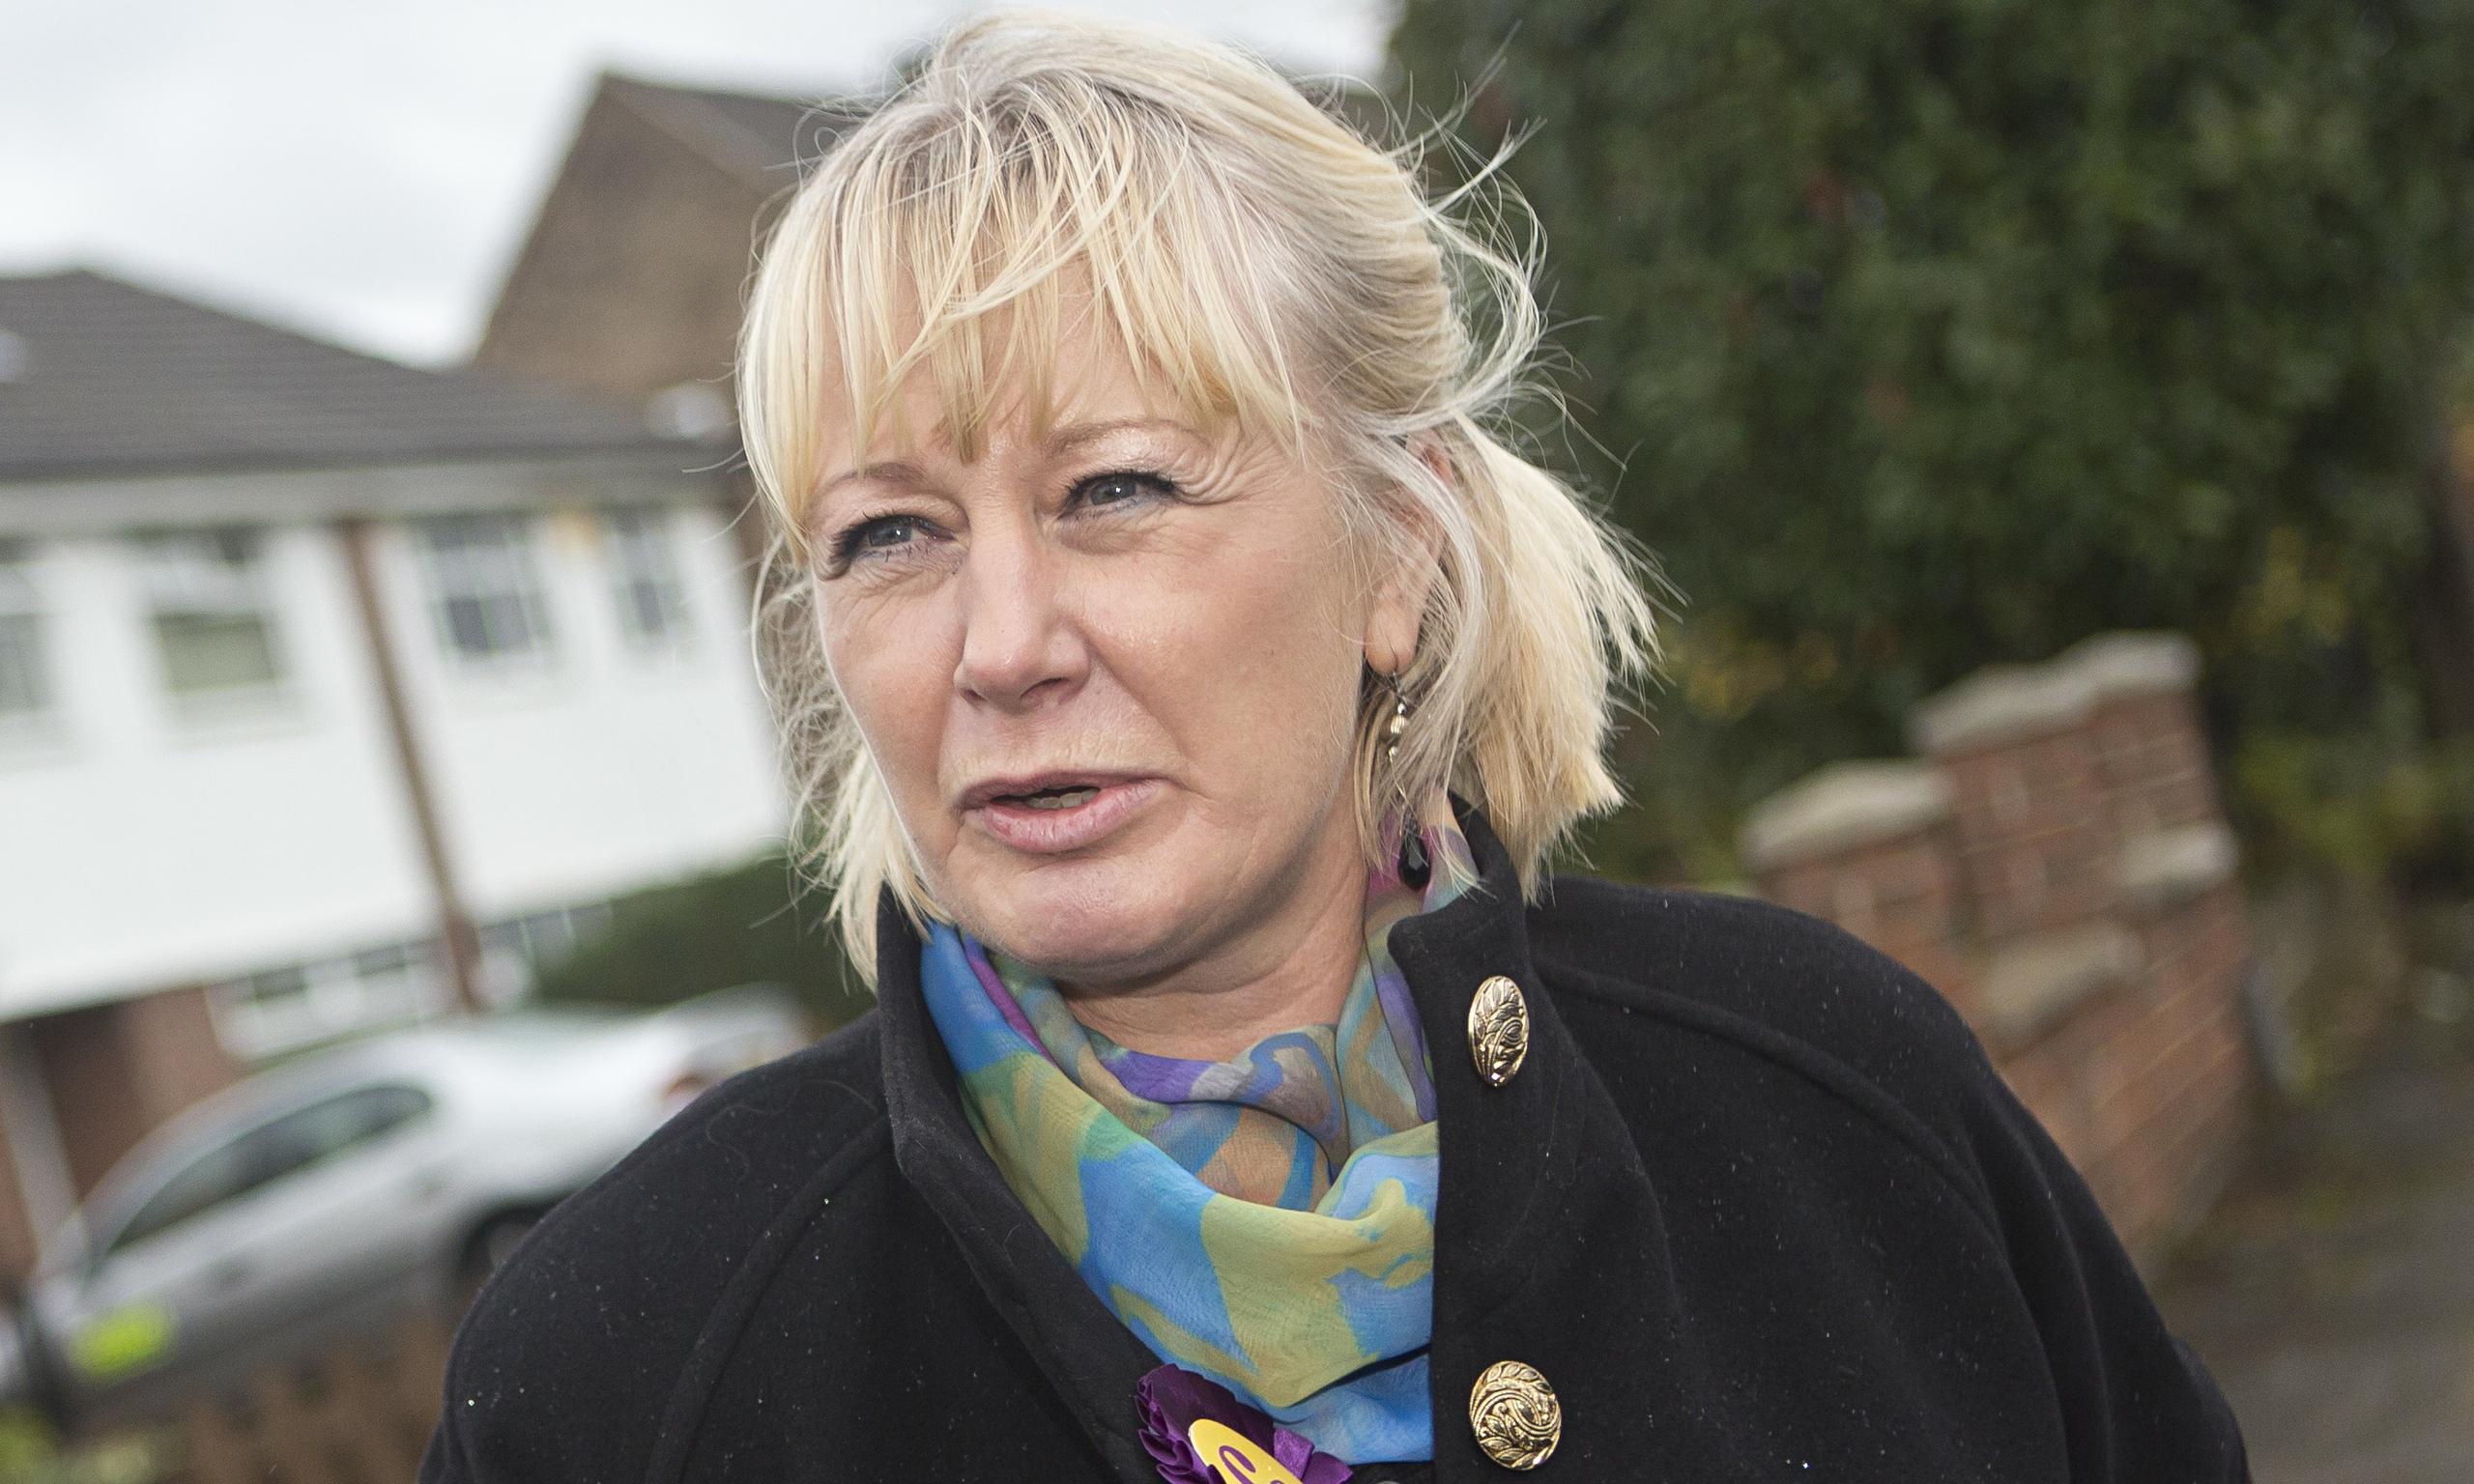 Jane Collins Net Worth